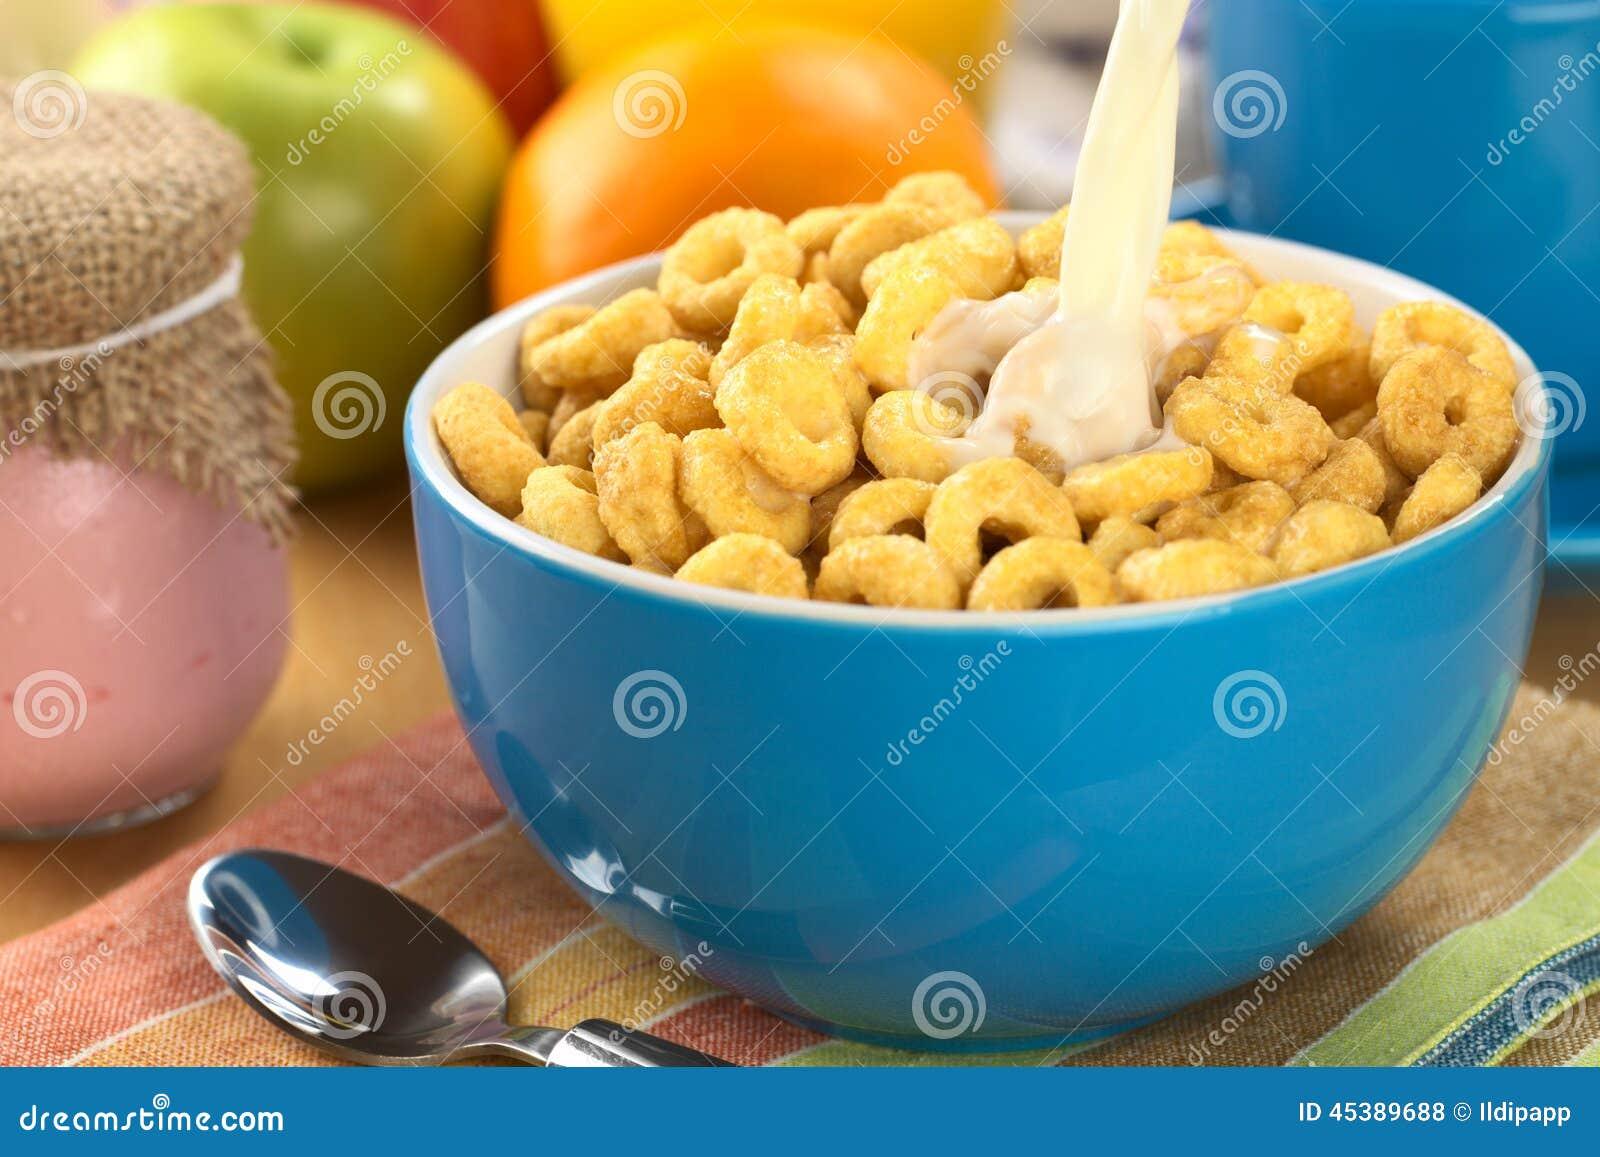 在碗的倾吐的牛奶蜂蜜充分调味了谷物圈(选择聚焦,集中于牛奶小河).图片